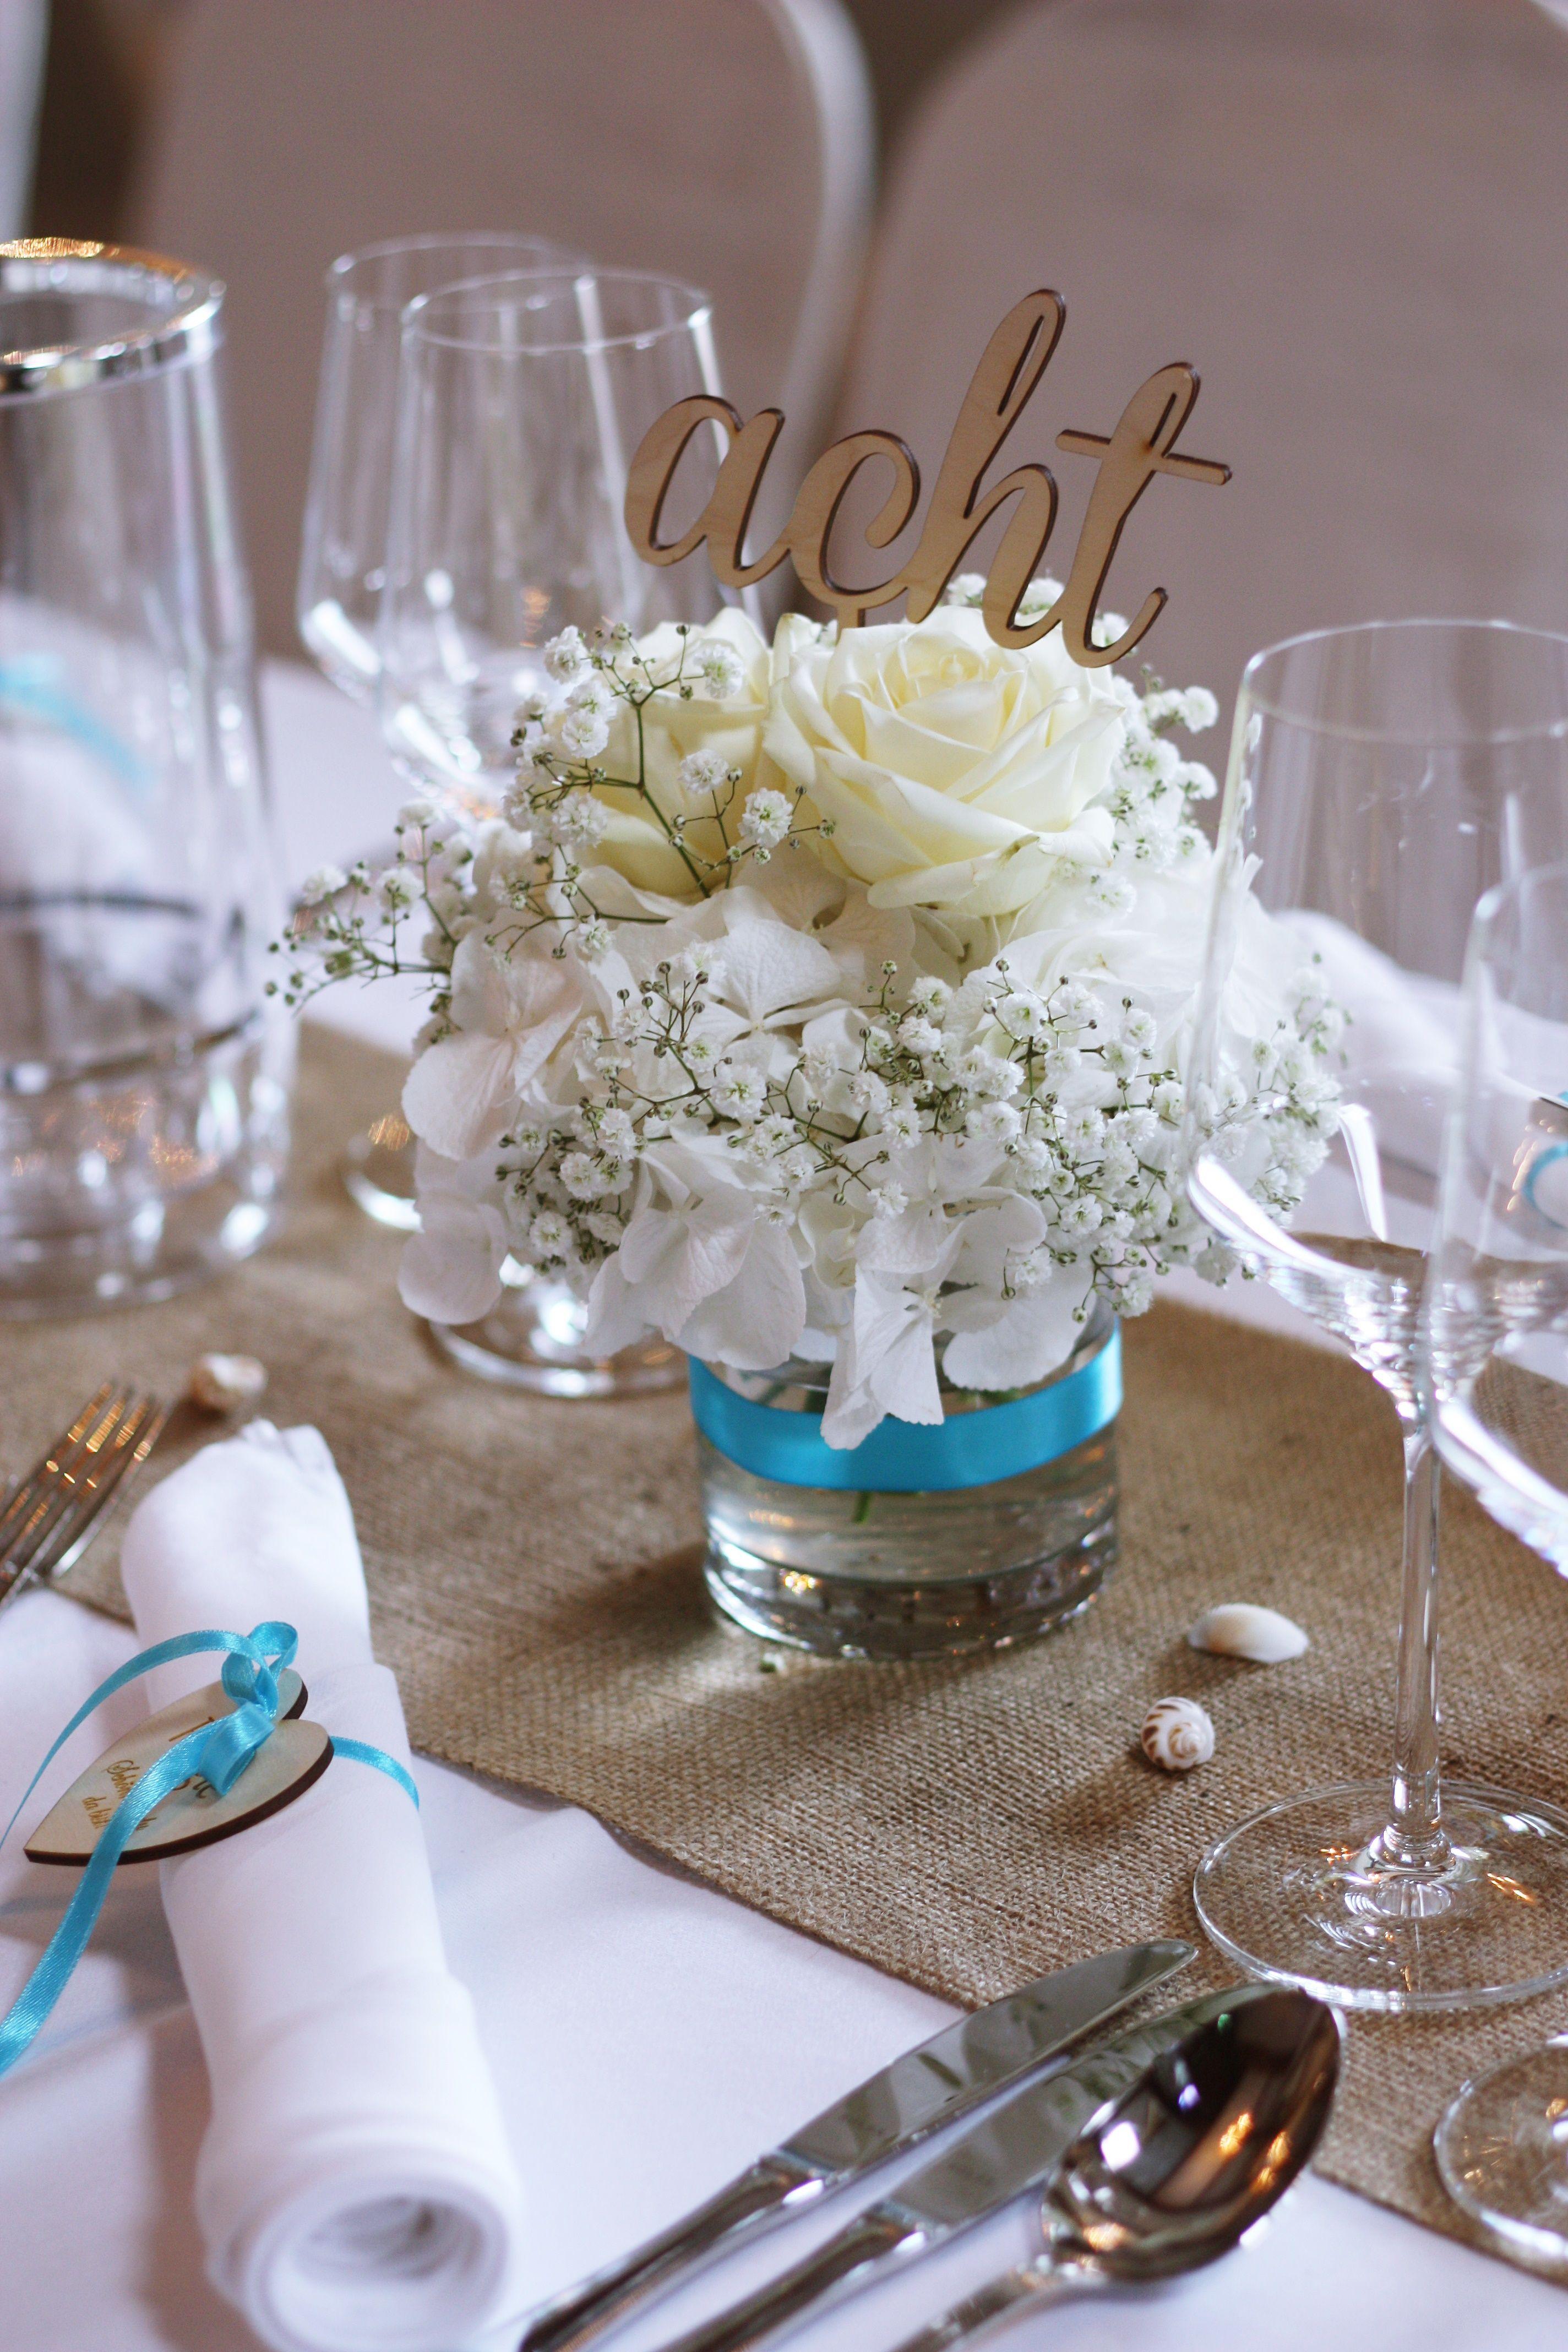 Vintage Maritim Hochzeitsdeko Tischdeko Holz Juteläufer Muscheln Hortensien Schleierkraut Rosen Türk Schleierkraut Hochzeit Vintage Hochzeit Deko Hochzeitsdeko